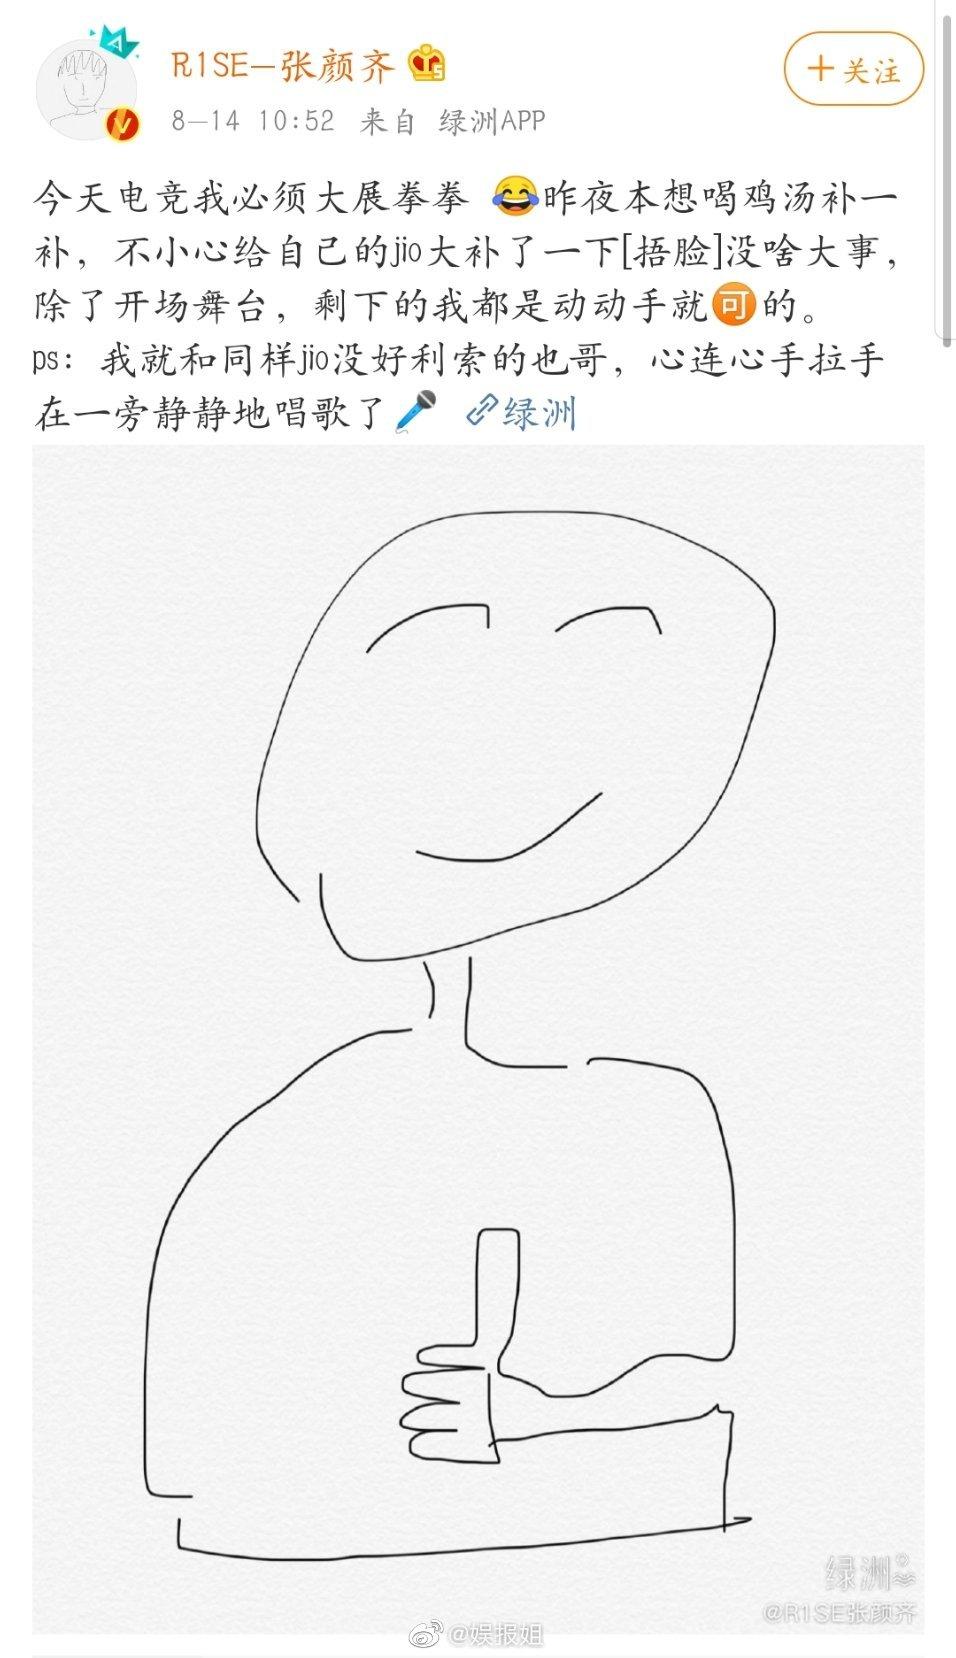 哈哈哈哈前有 后有 77和刘也成了jio伤兄弟,壶人这是集体水逆吗